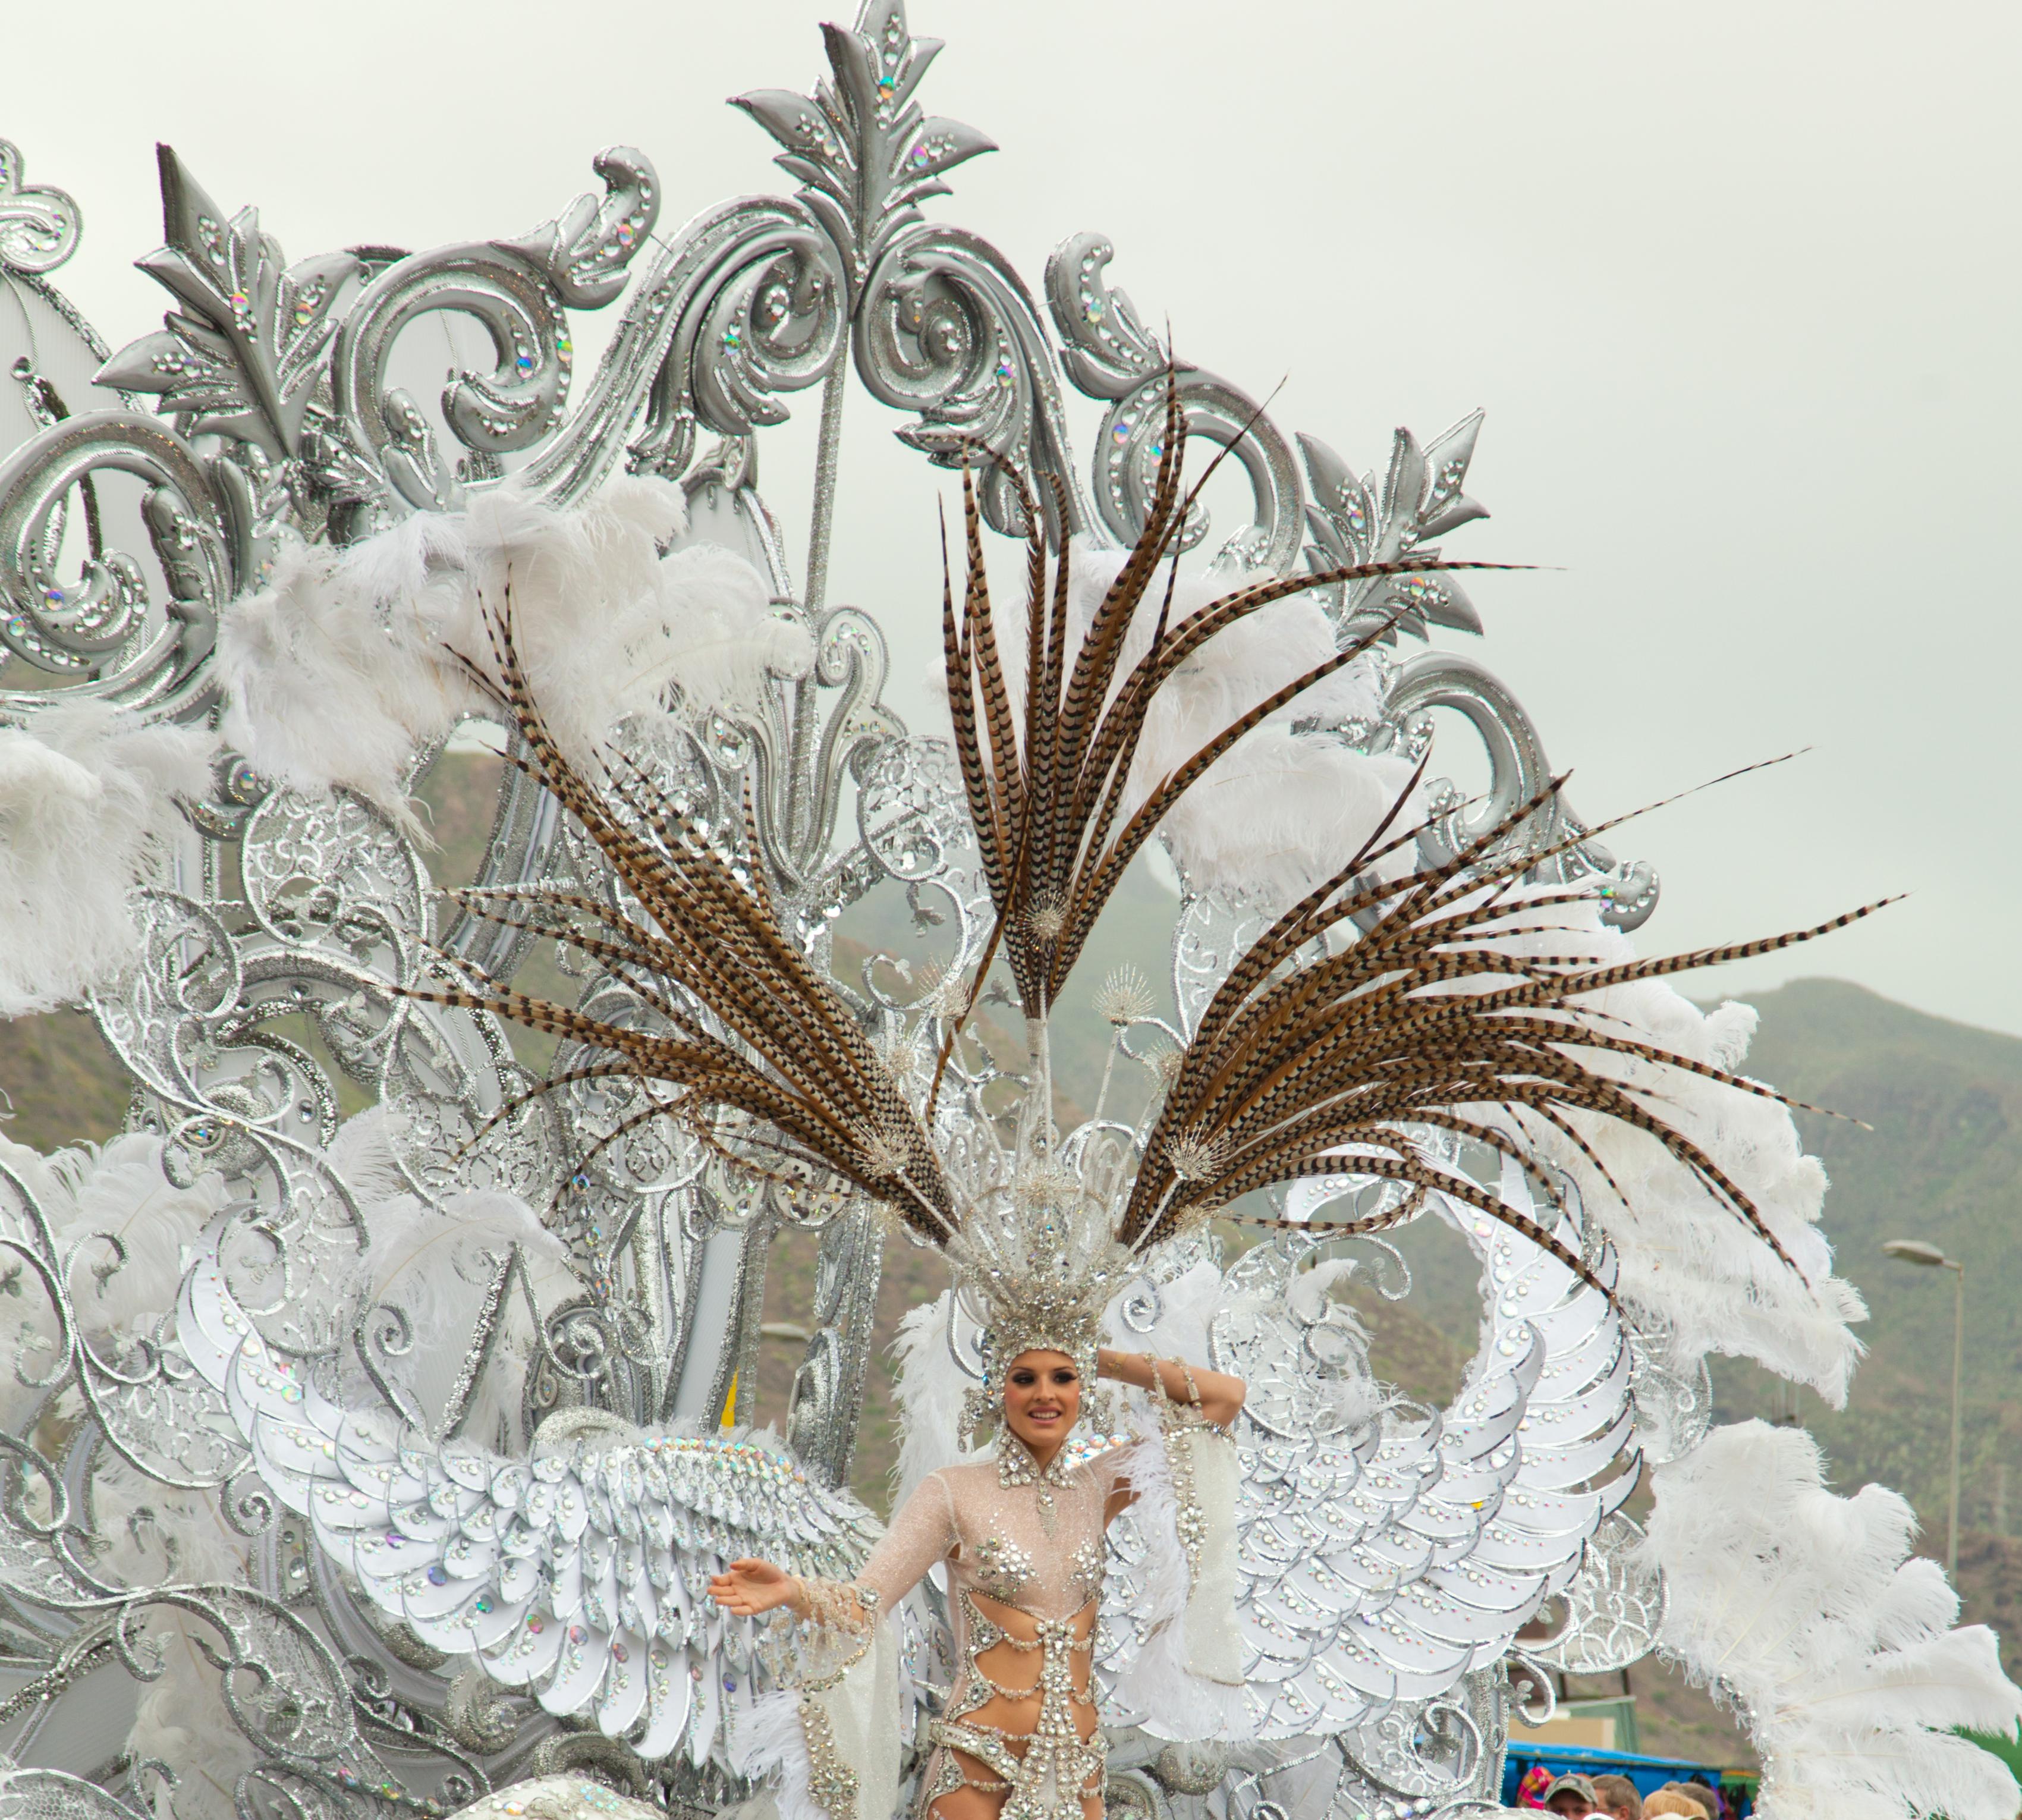 bde5cd190 Carnaval de Santa Cruz de Tenerife - Wikipedia, la enciclopedia libre